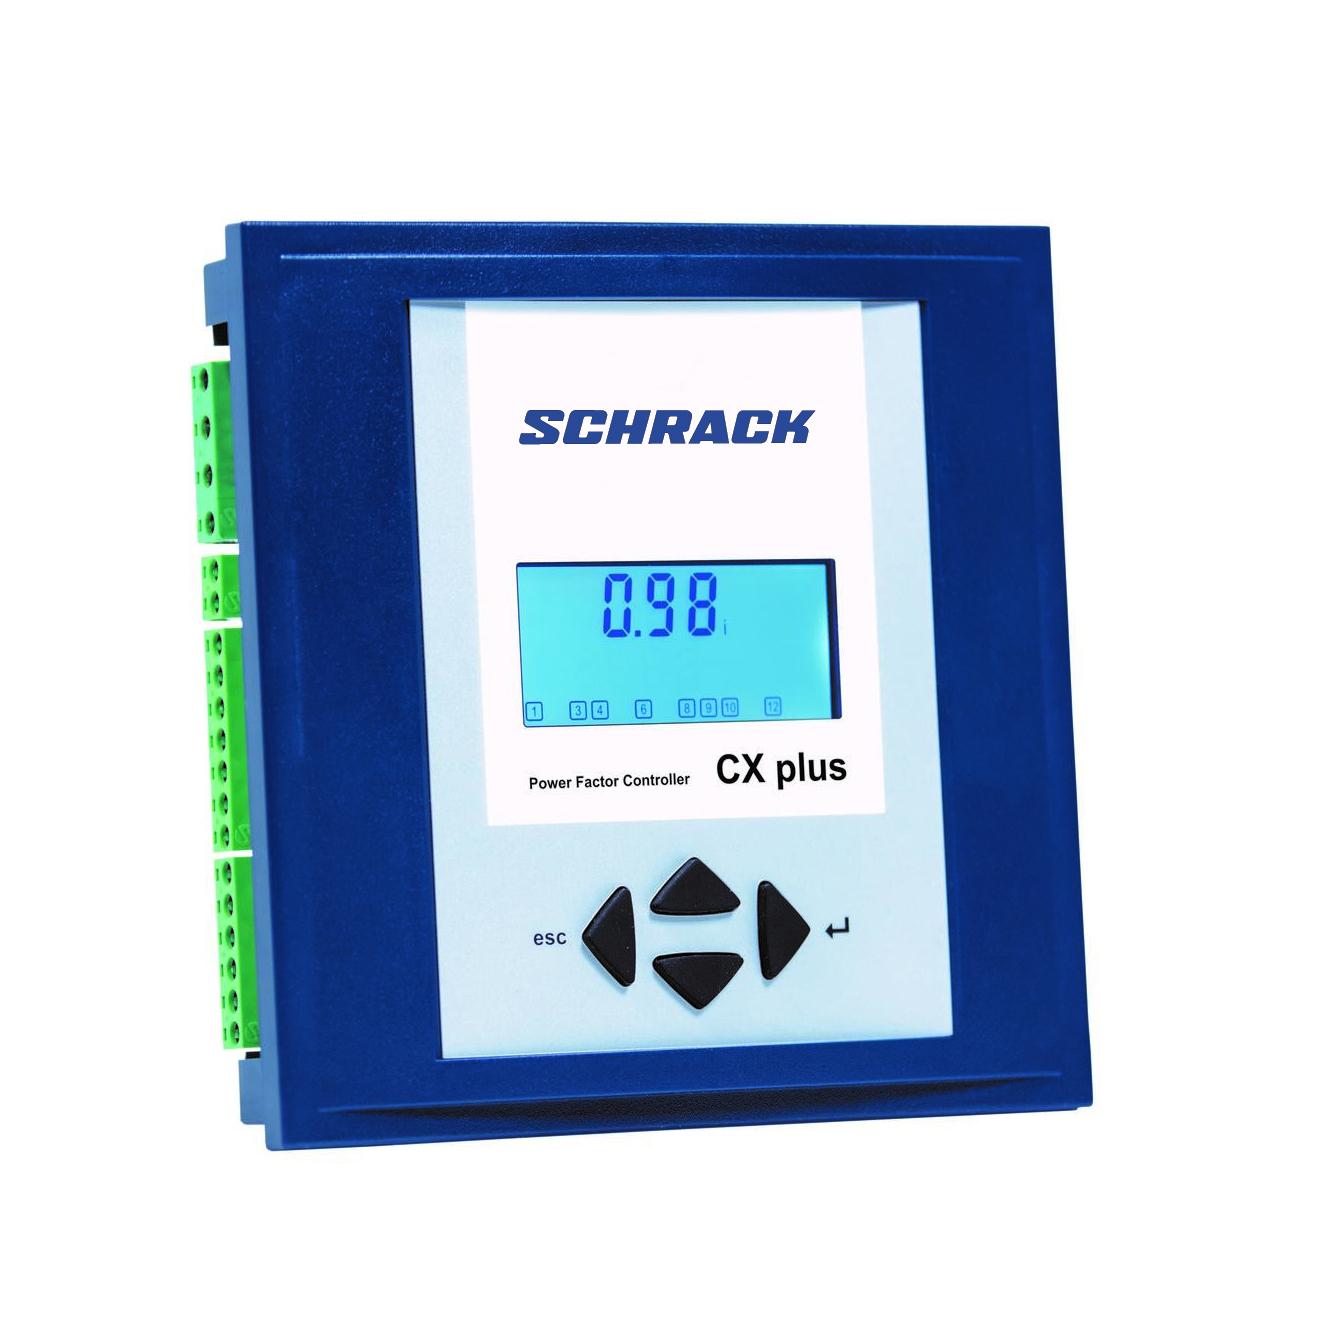 Componente si echipamente pentru compensarea factorului de putere17307